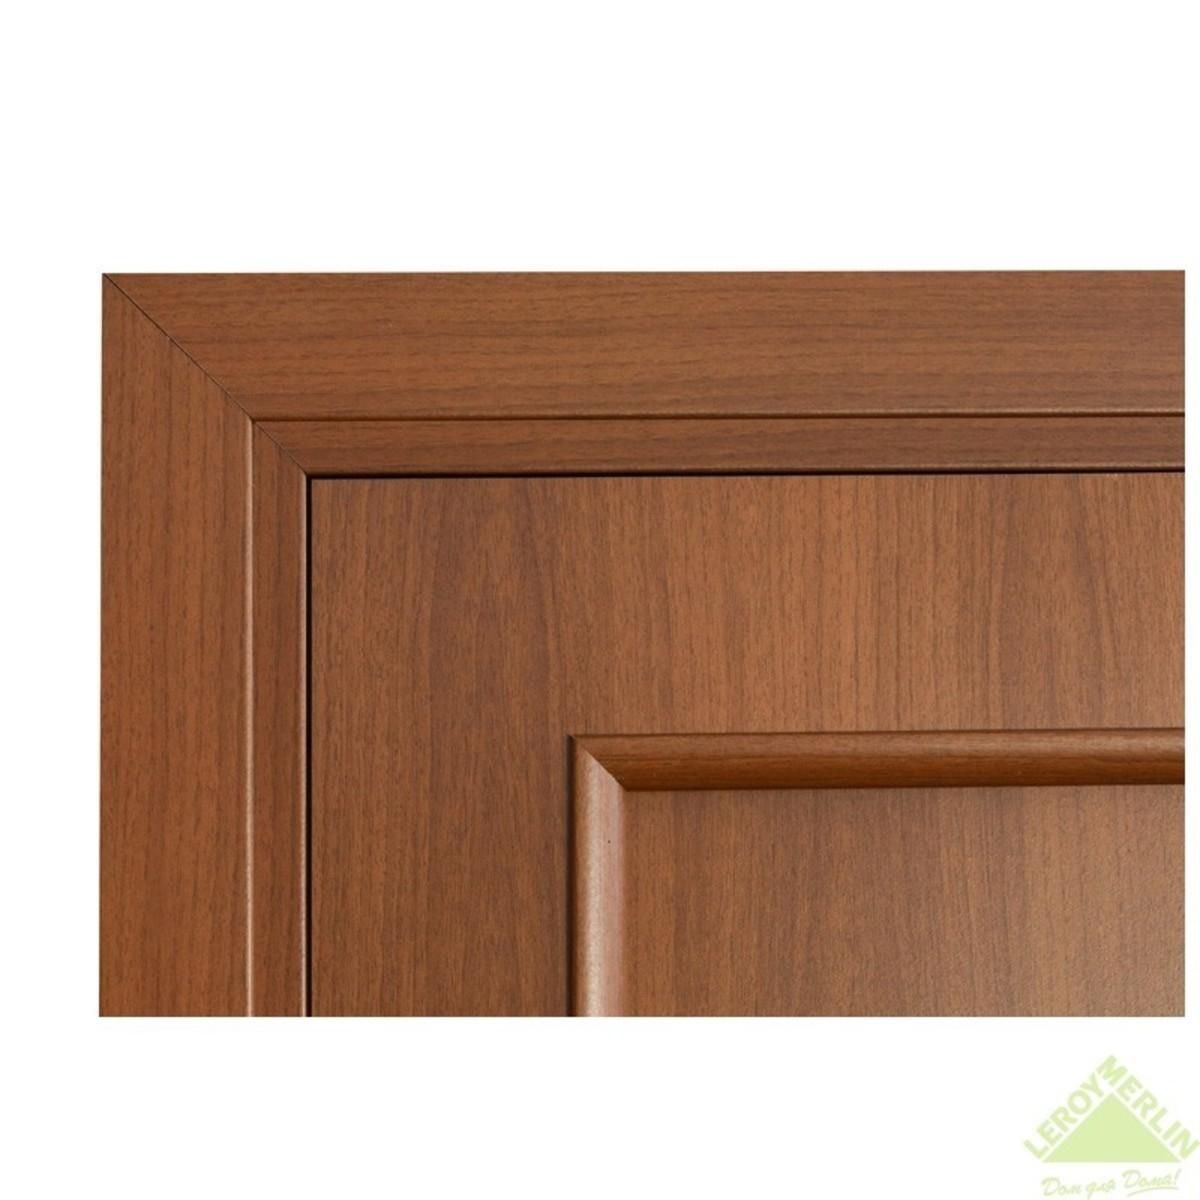 Дверь Межкомнатная Остеклённая Фортунато Классика 80x200 Ламинация Цвет Орех